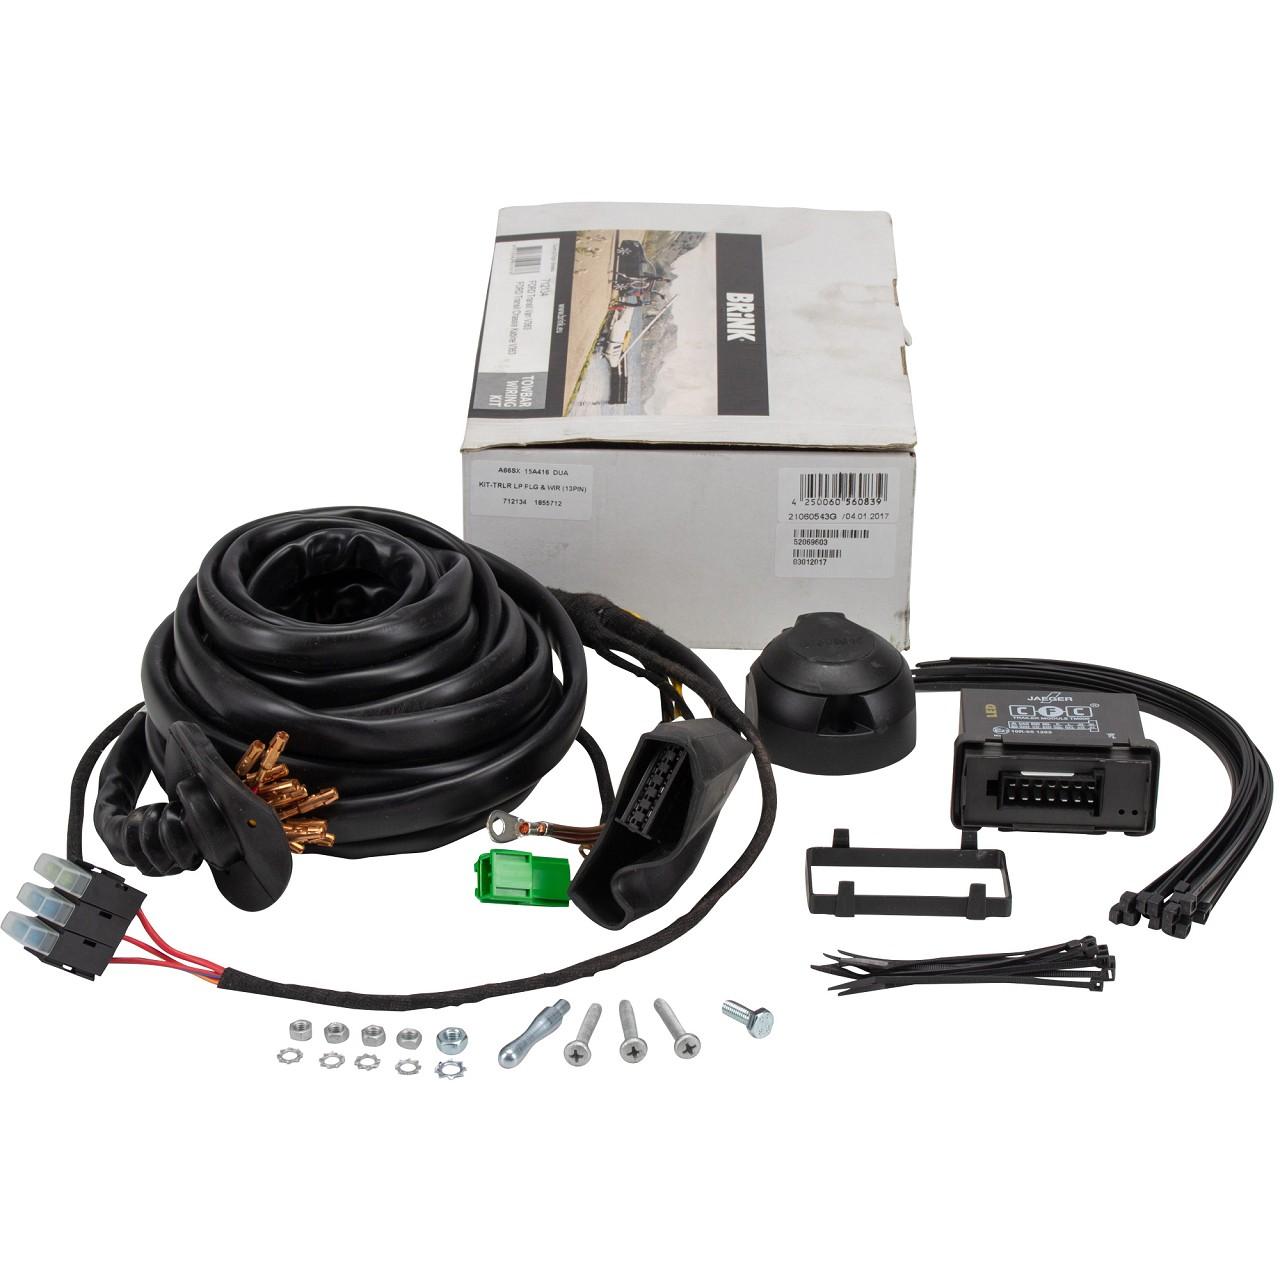 ORIGINAL Ford E-Satz Kabelsatz Anhängerkupplung 13-polig 1855712 für TRANSIT